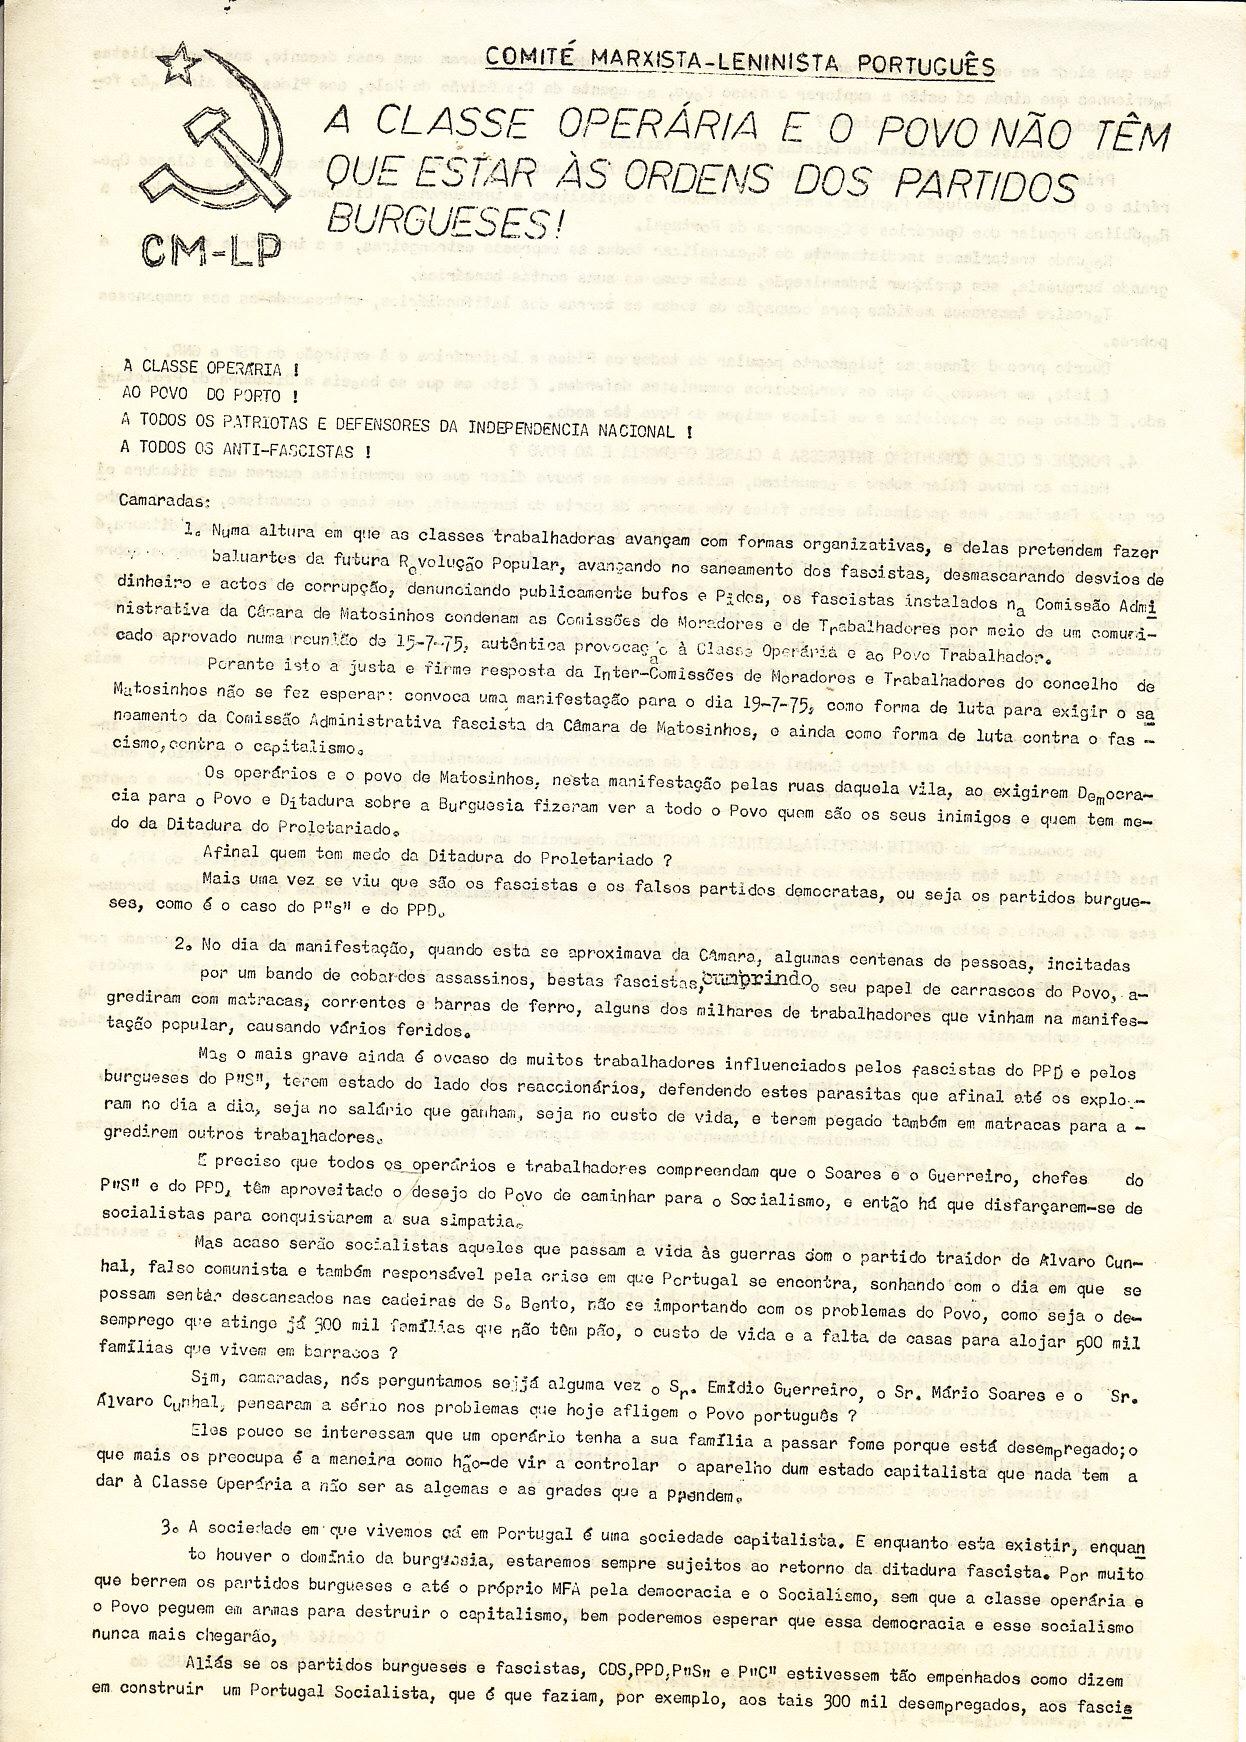 CMLP_Leca_22-7-1975_0001